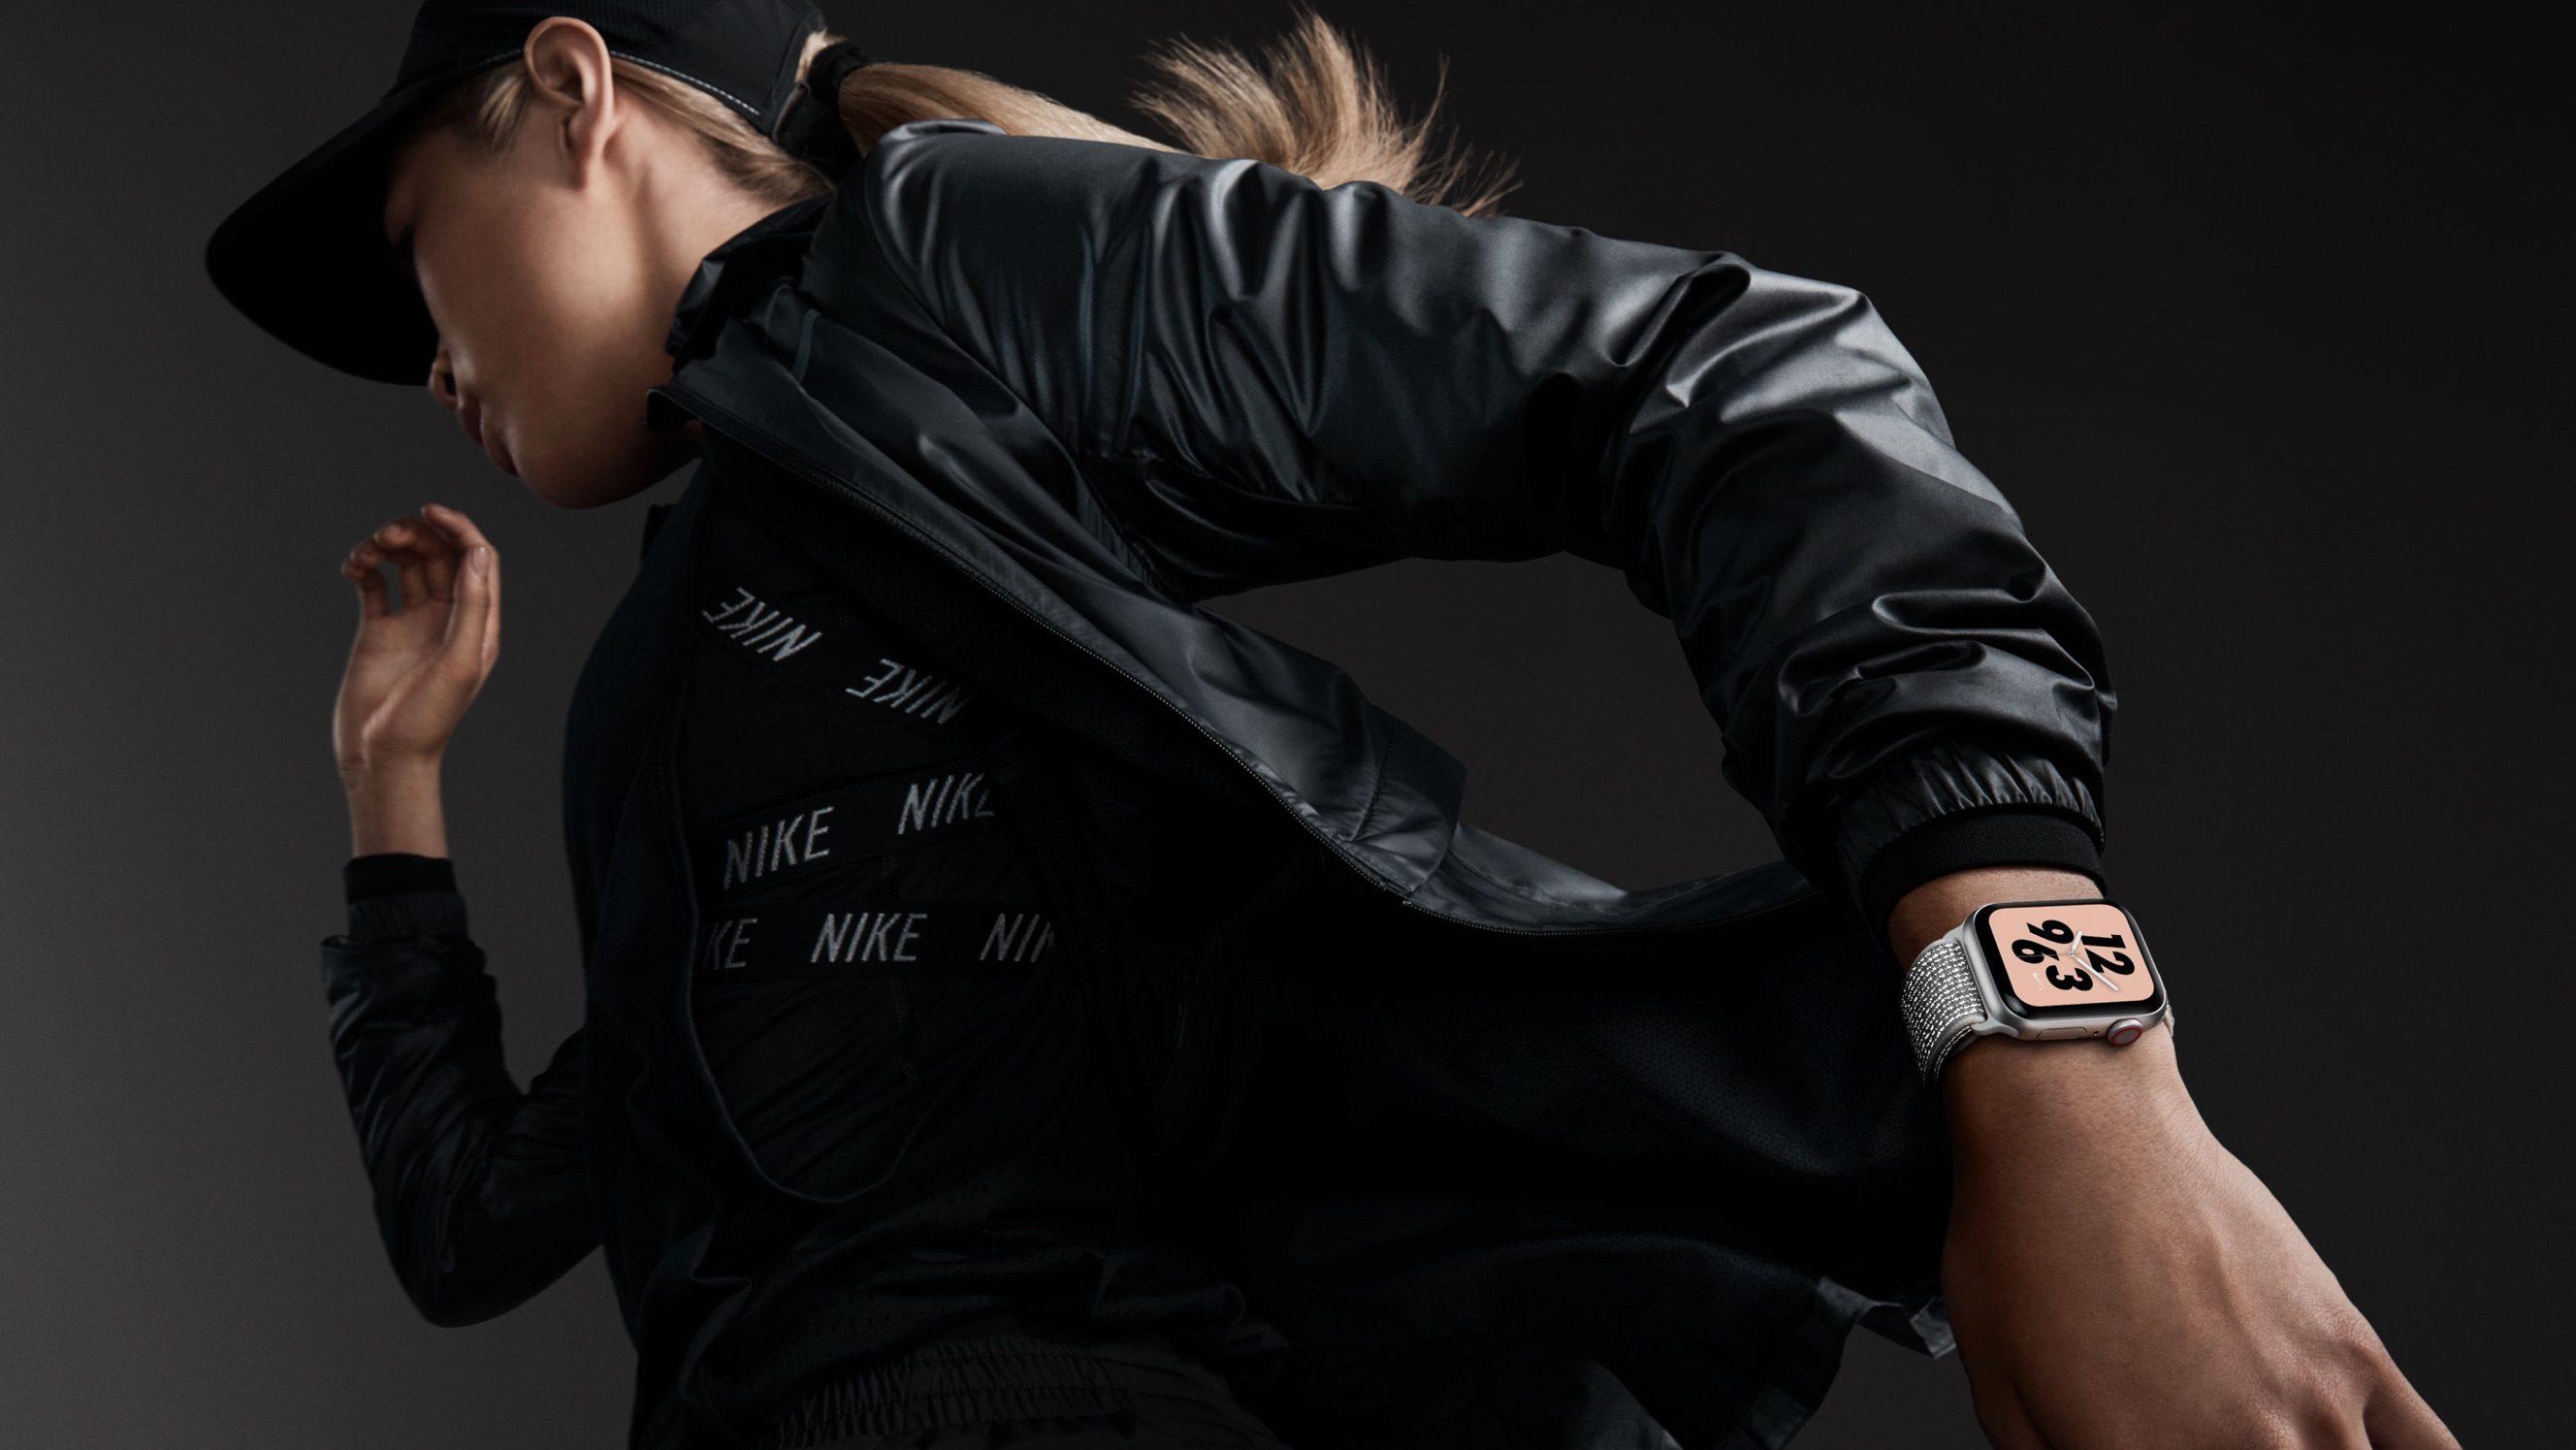 De Apple Watch Nike+ Series 4